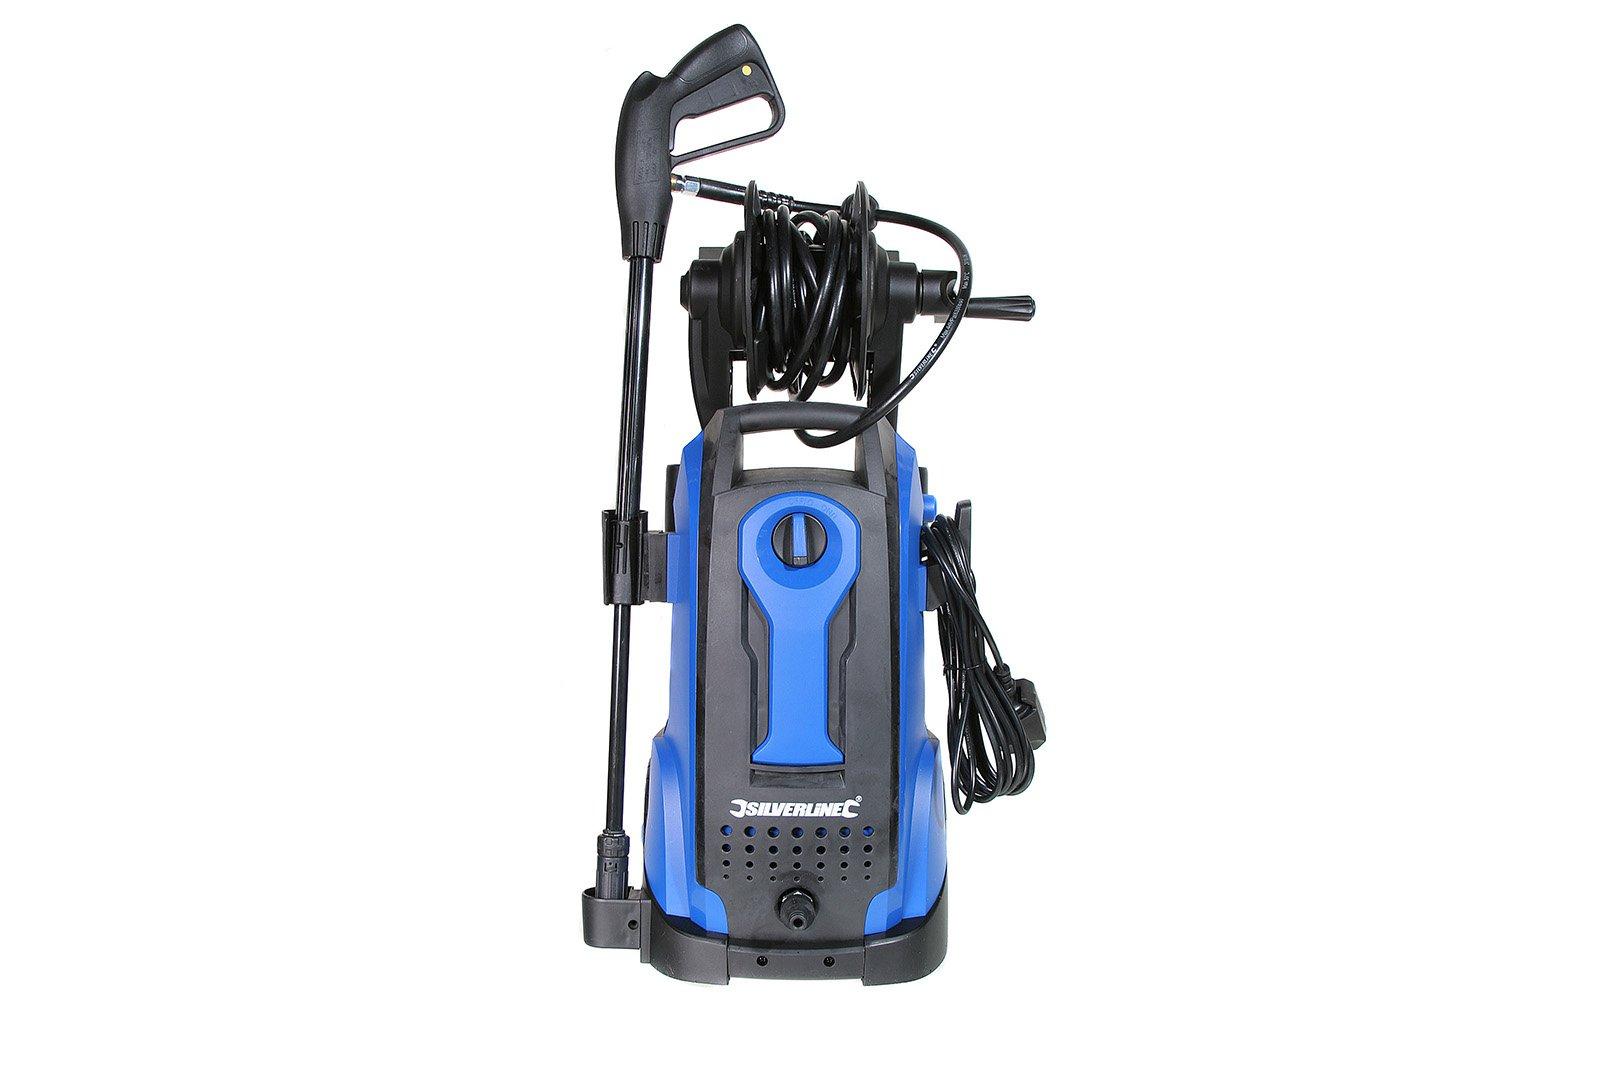 Silverline 2100 Watt Pressure Washer